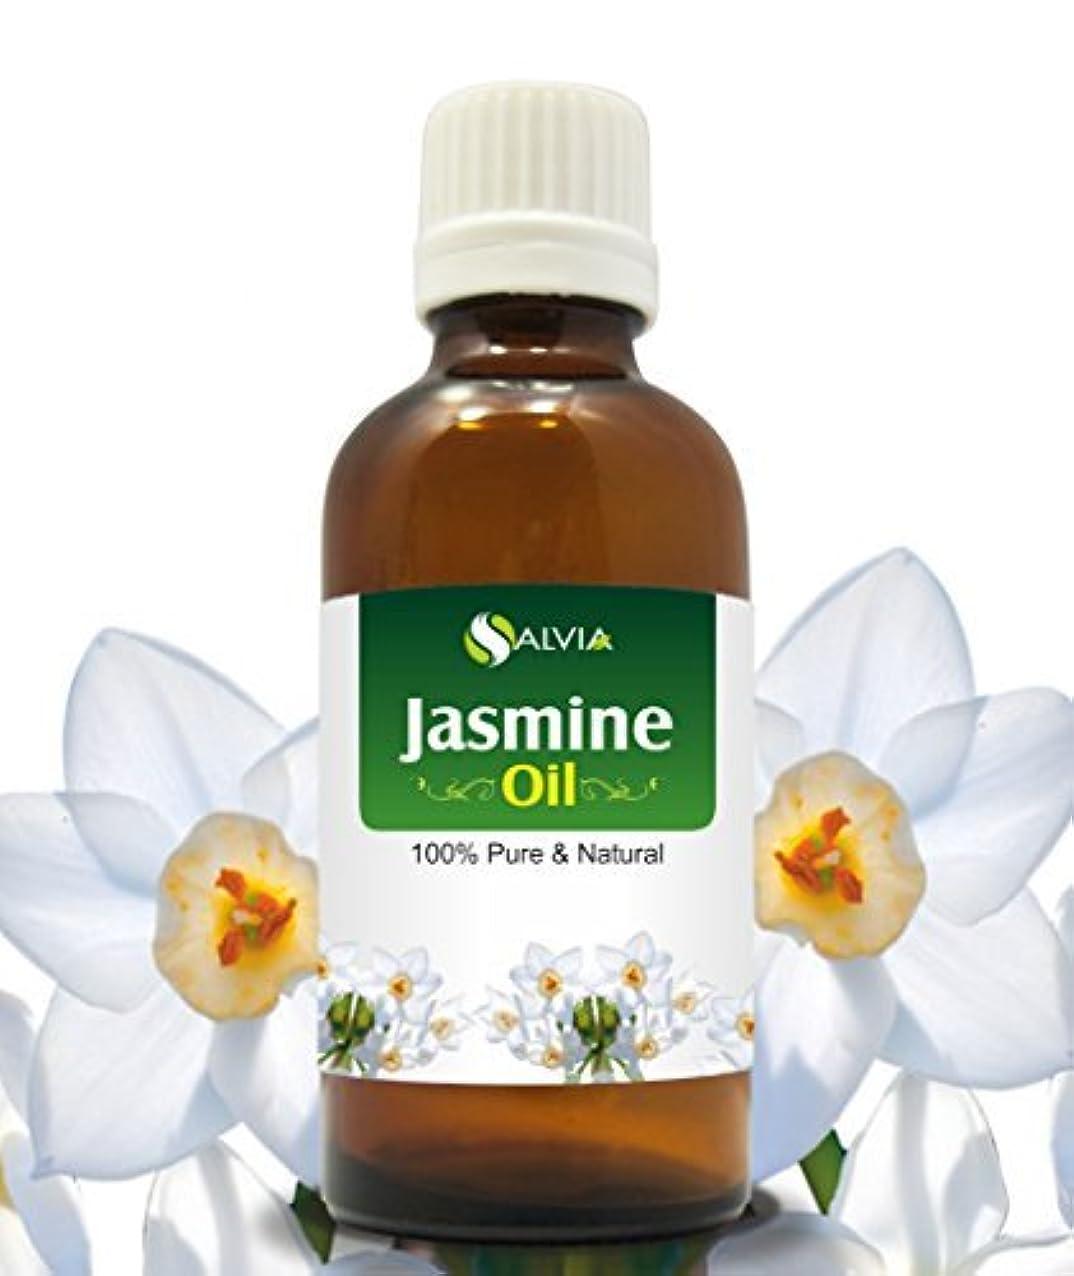 物理的な指定する大使JASMINE OIL 100% NATURAL PURE UNDILUTED UNCUT ESSENTIAL OILS 30ml by SALVIA